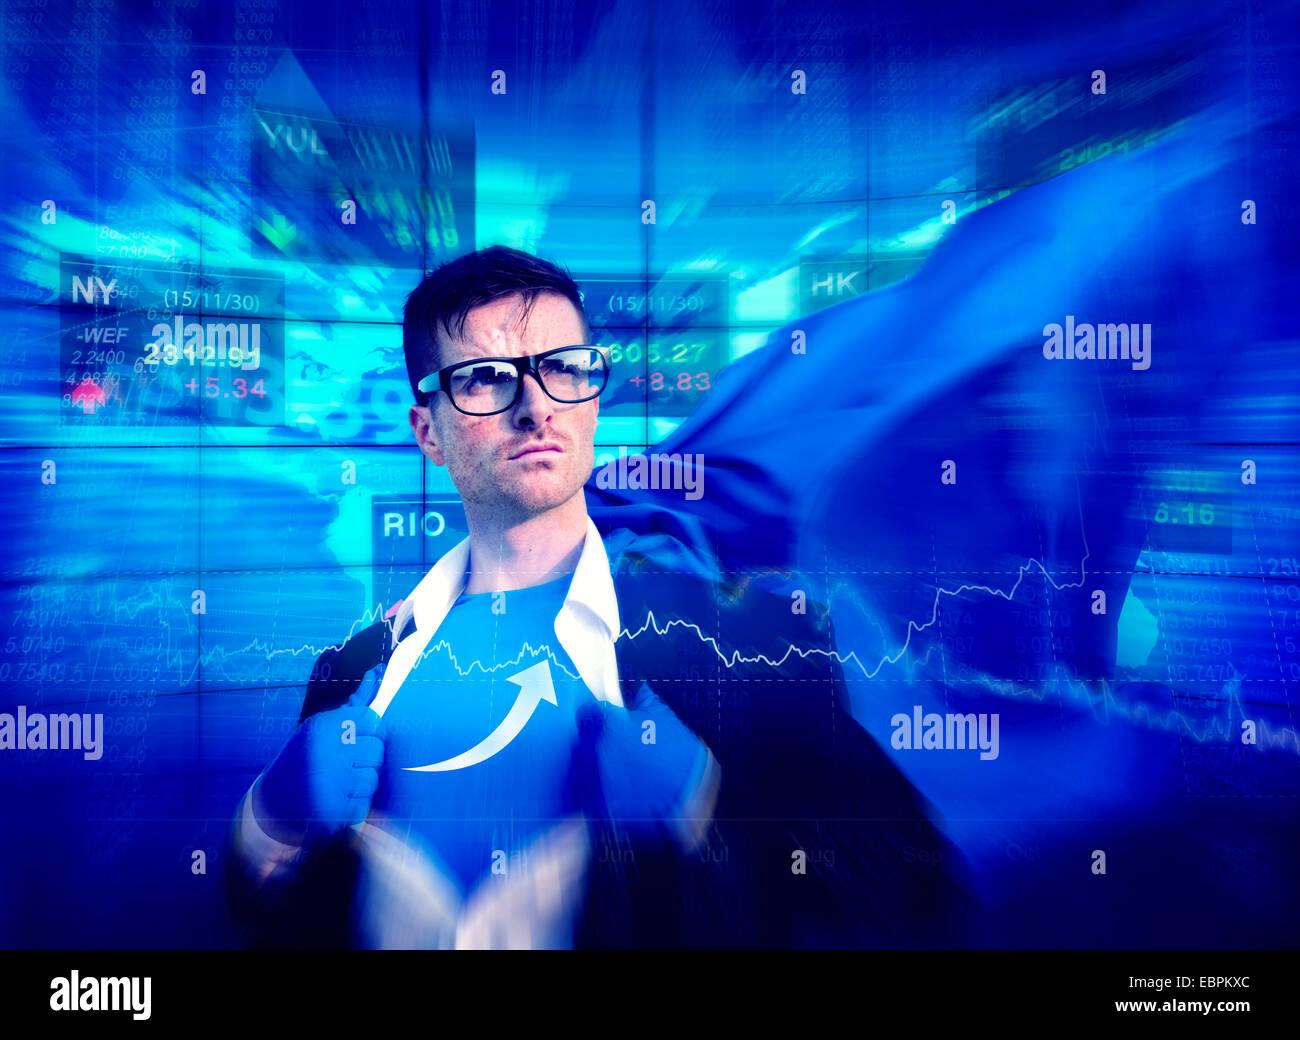 Freccia del supereroe di forte successo Empowerment professionale il concetto di stock Immagini Stock